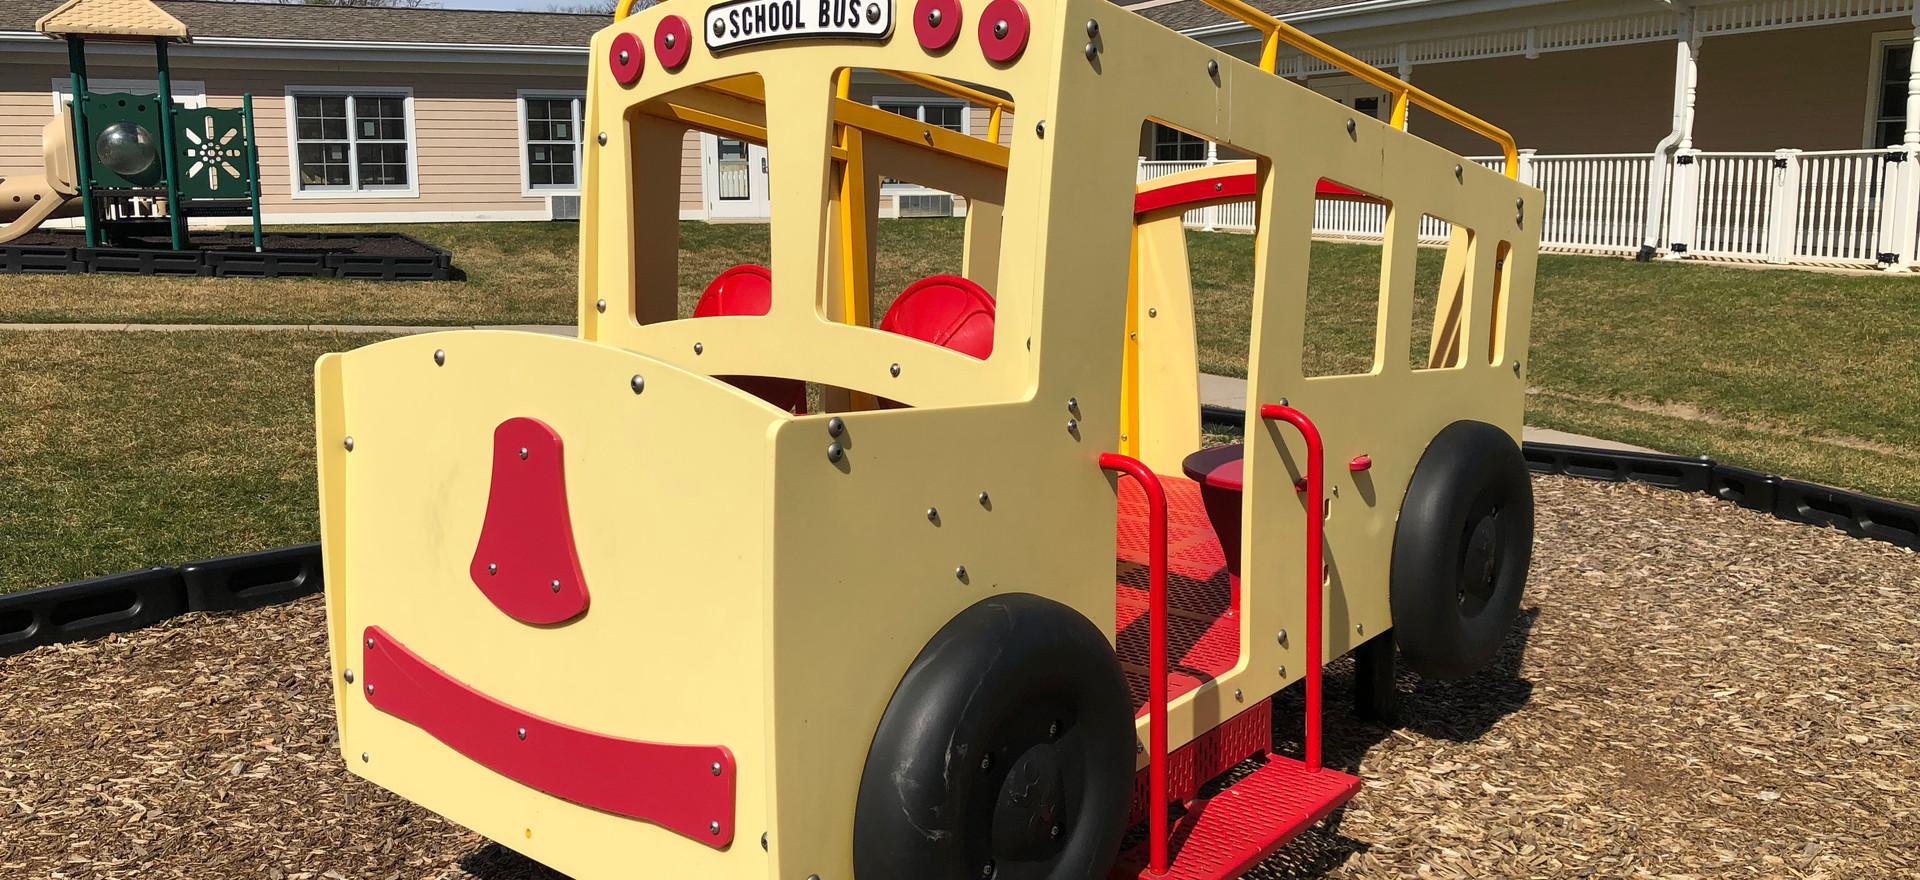 Little Lambs School Bus